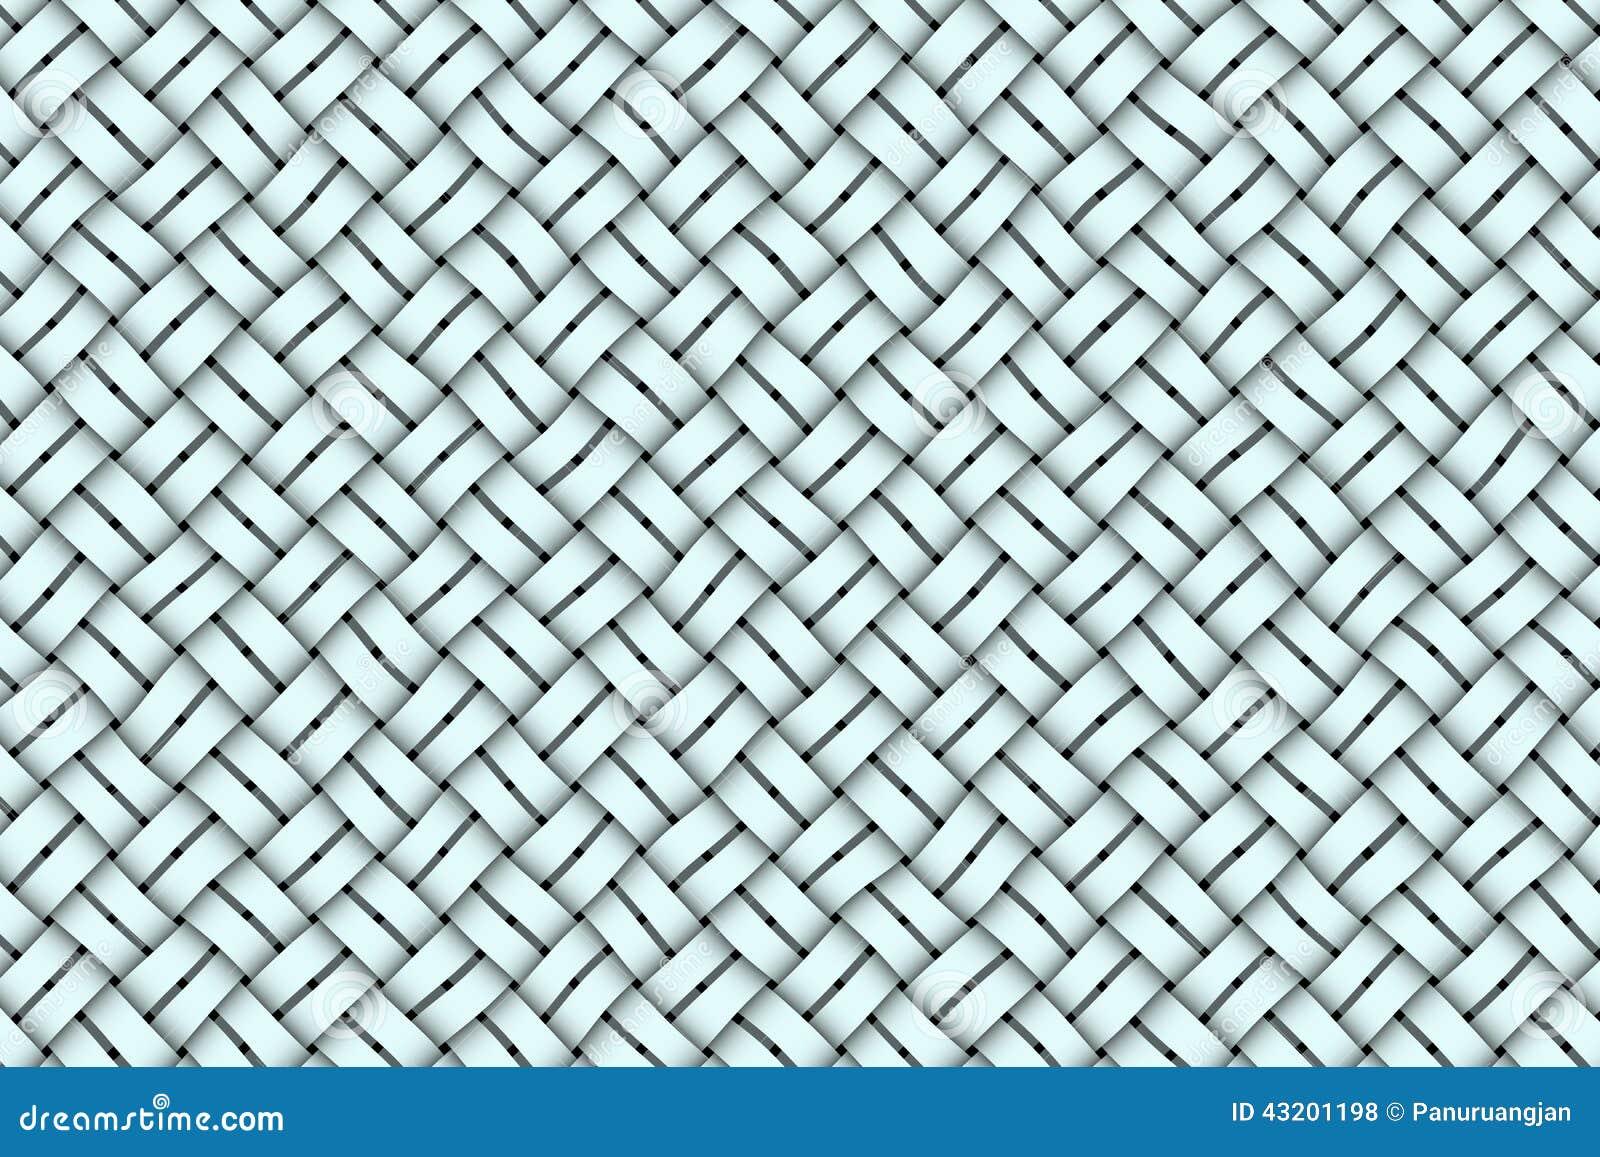 Download Vävmodell stock illustrationer. Illustration av texturerat - 43201198